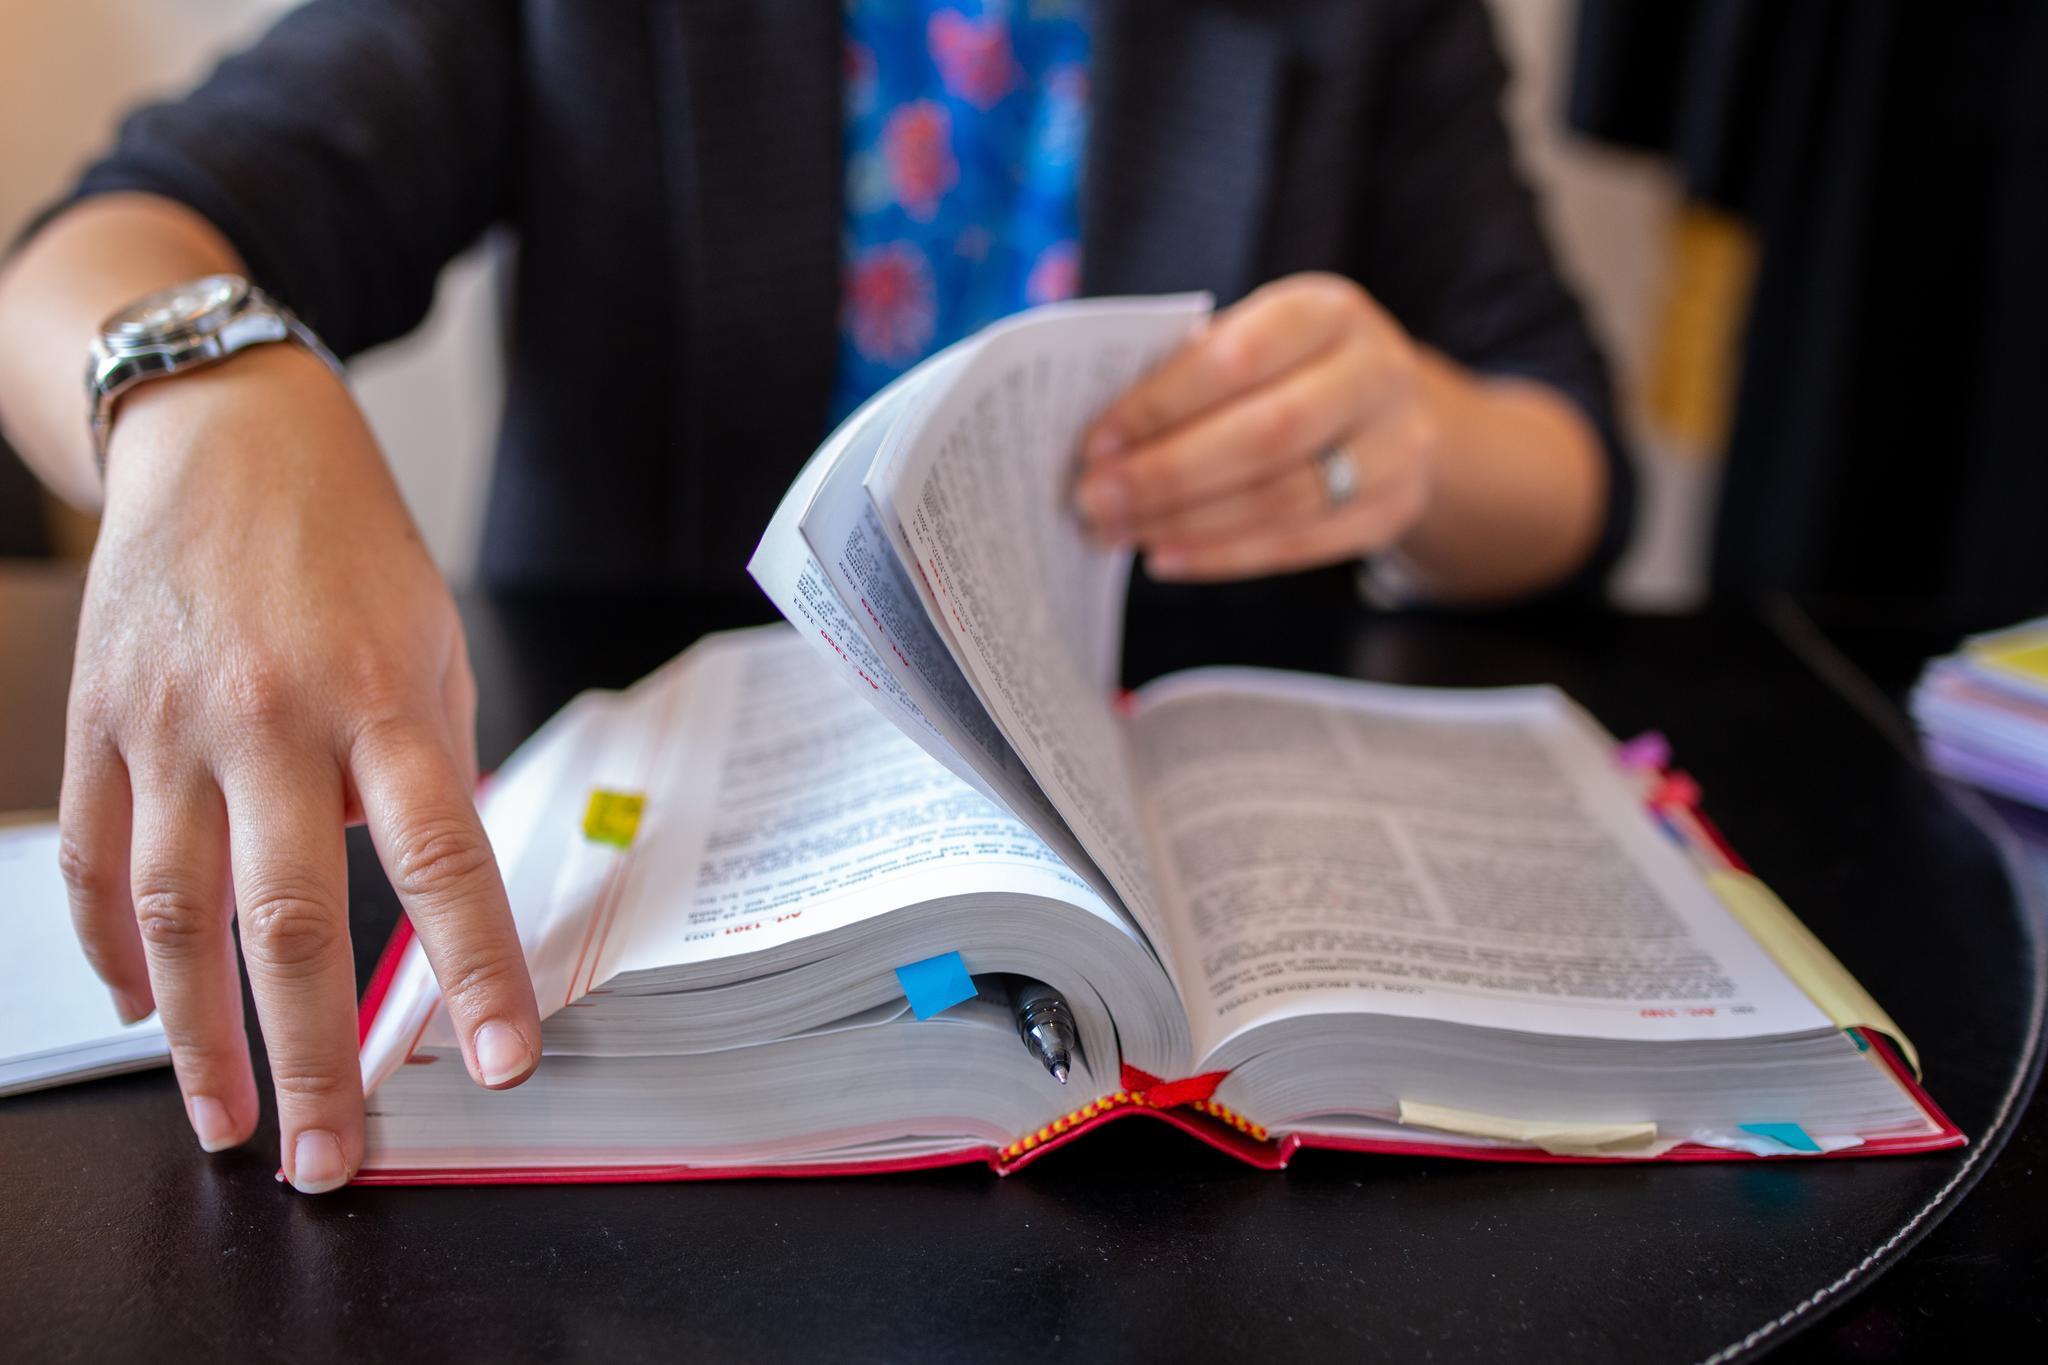 Jemand blättert in einem dicken, aufgeschlagenen Buch mit Markierungen